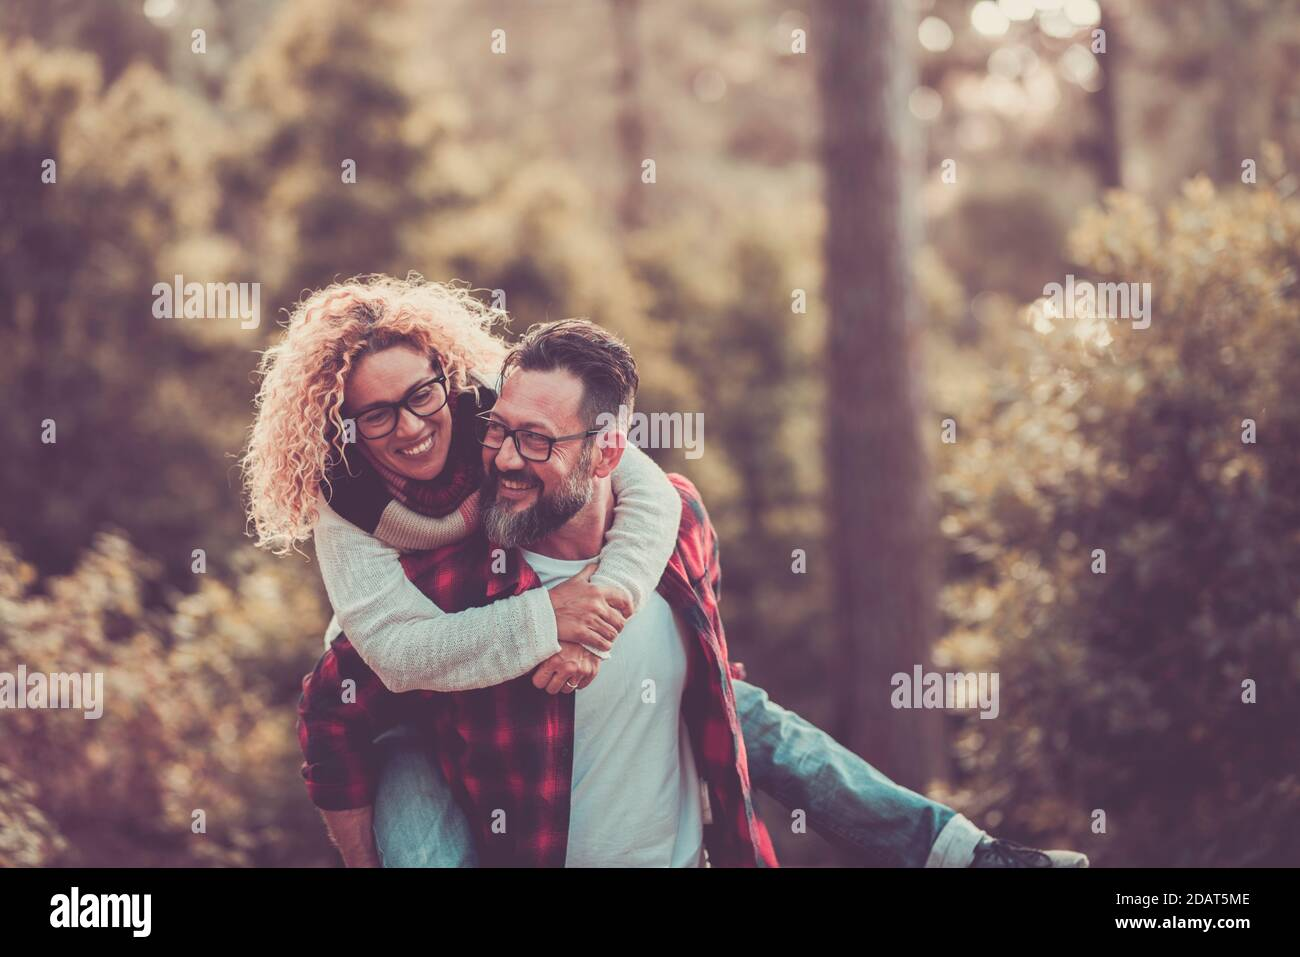 Feliz pareja de adultos disfrutar de bosque de madera natural juntos y al aire libre actividad de ocio con diversión y alegría - hombre llevar mujer en su espalda y ambos ríen una l Foto de stock